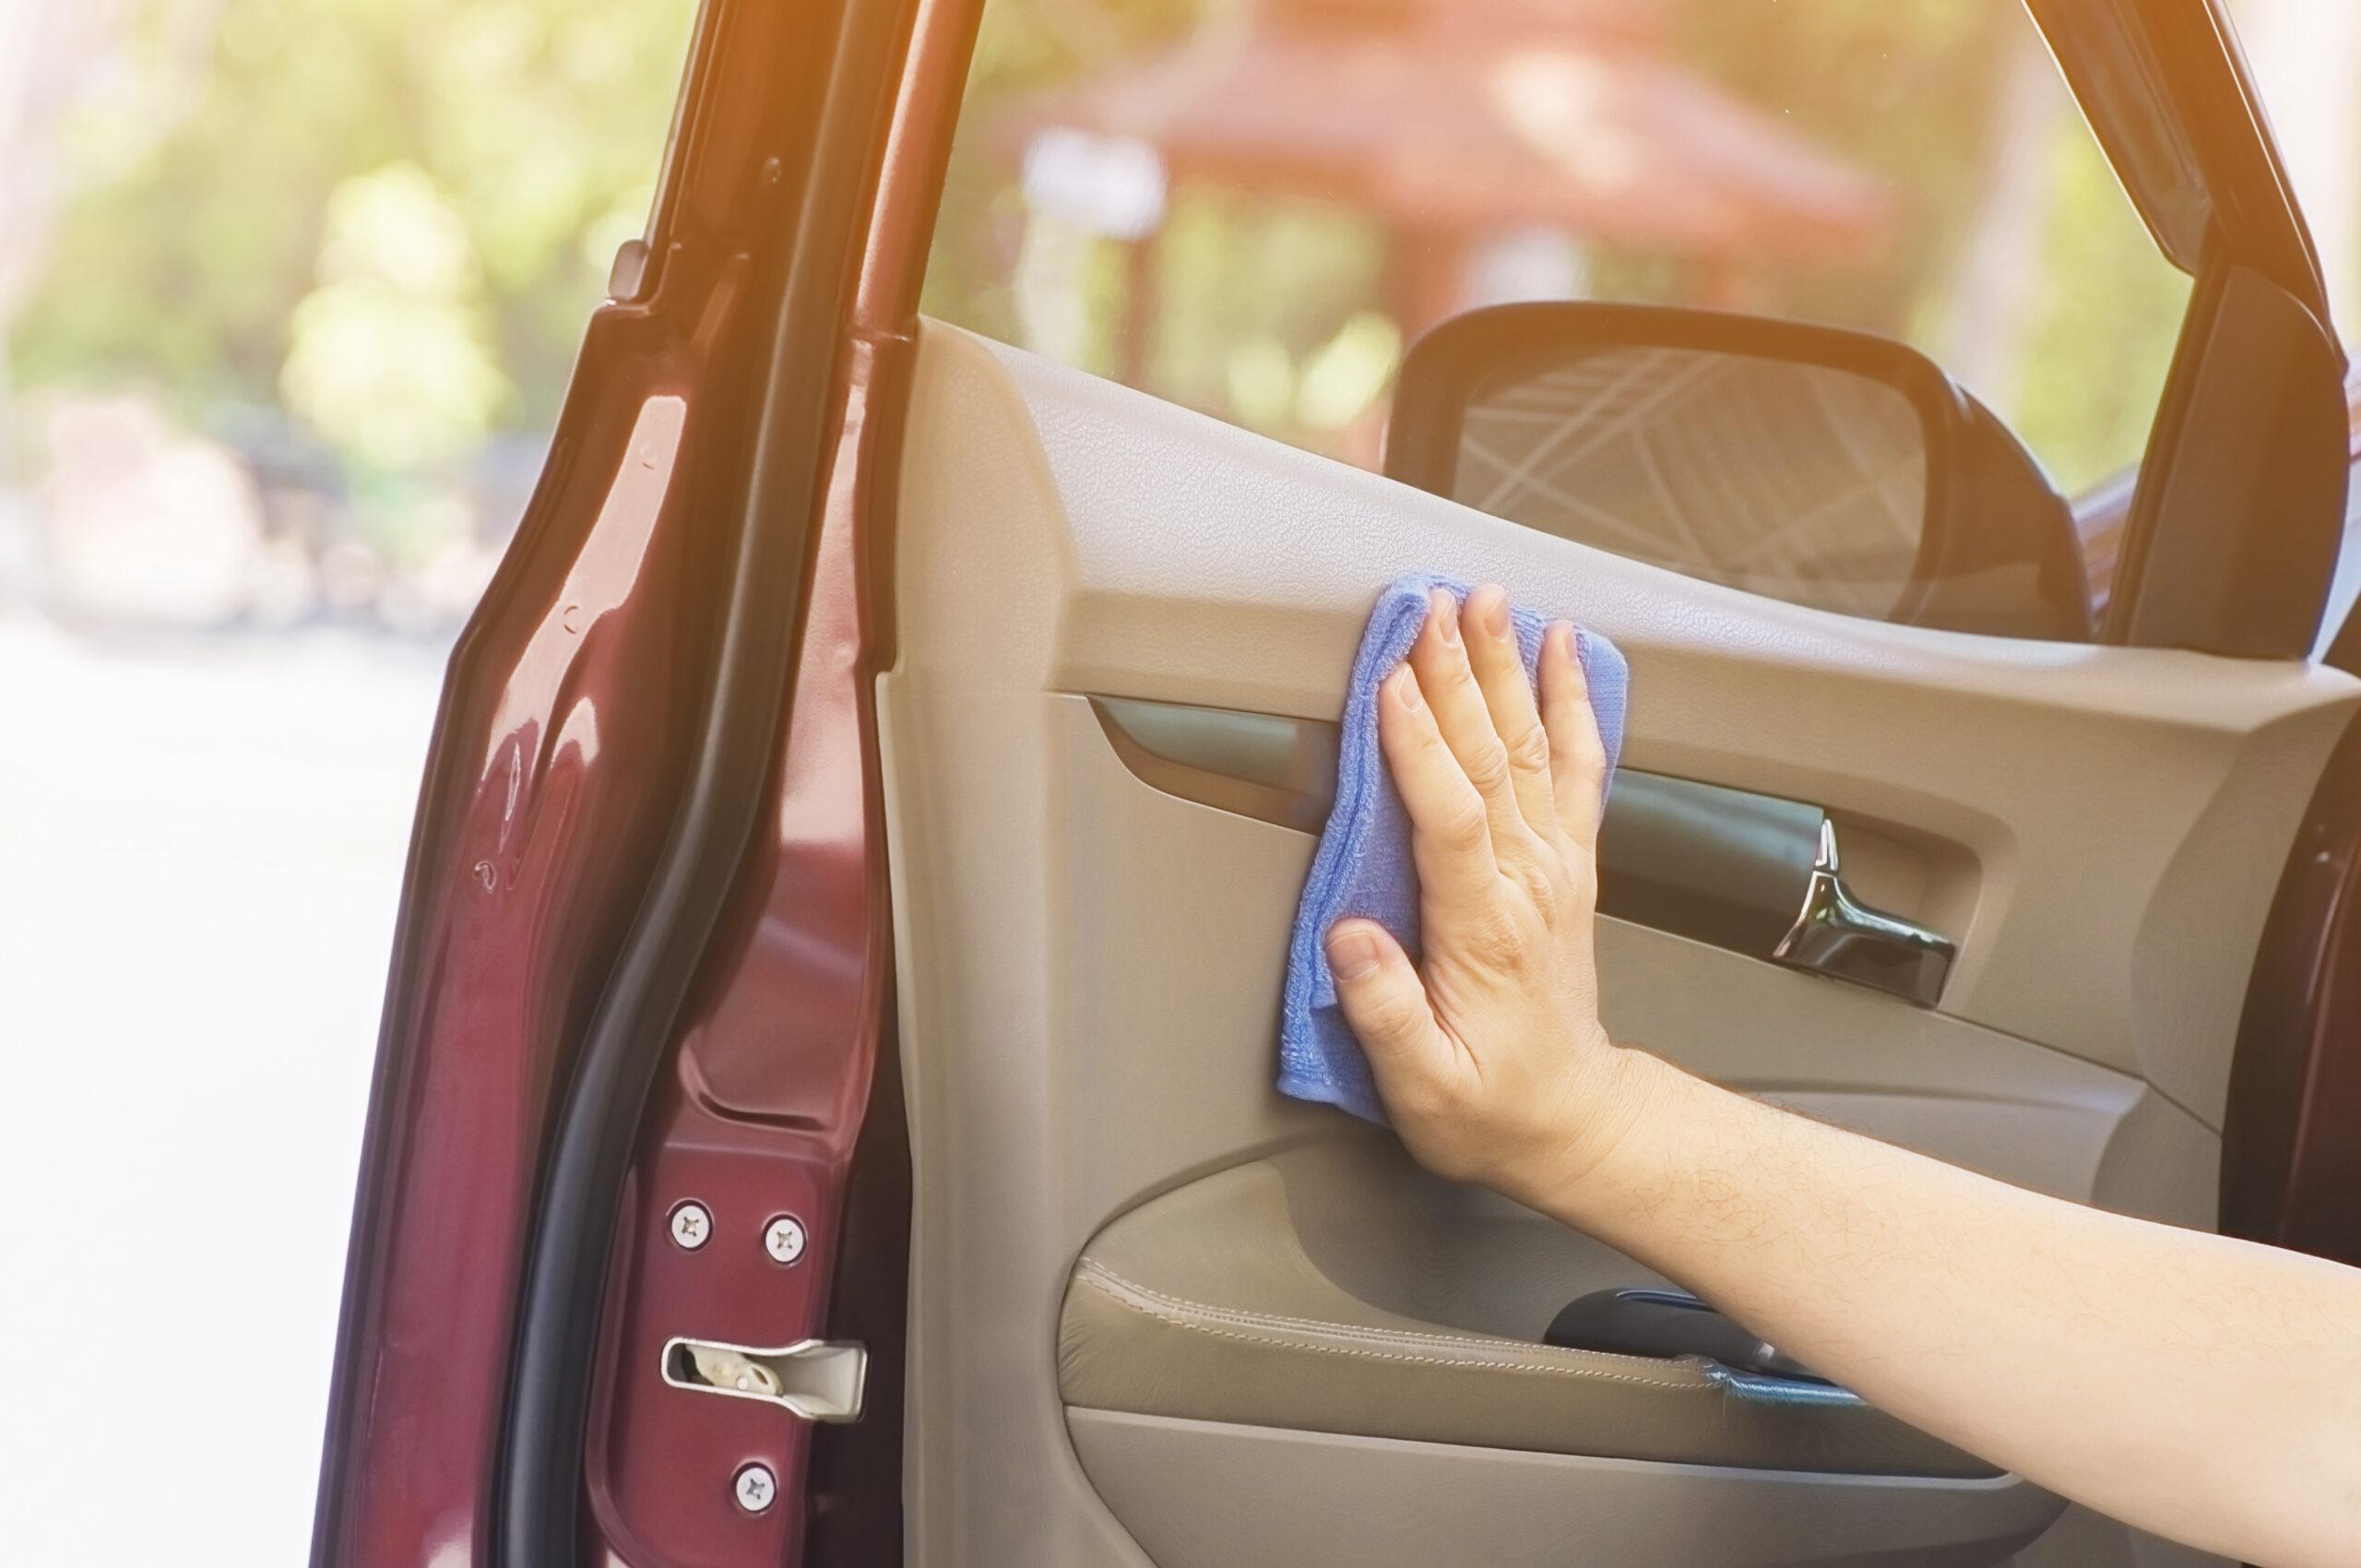 Imagem de uma mão limpando a porta de um carro por dentro. Imagem ilustrativa texto franquia freewet